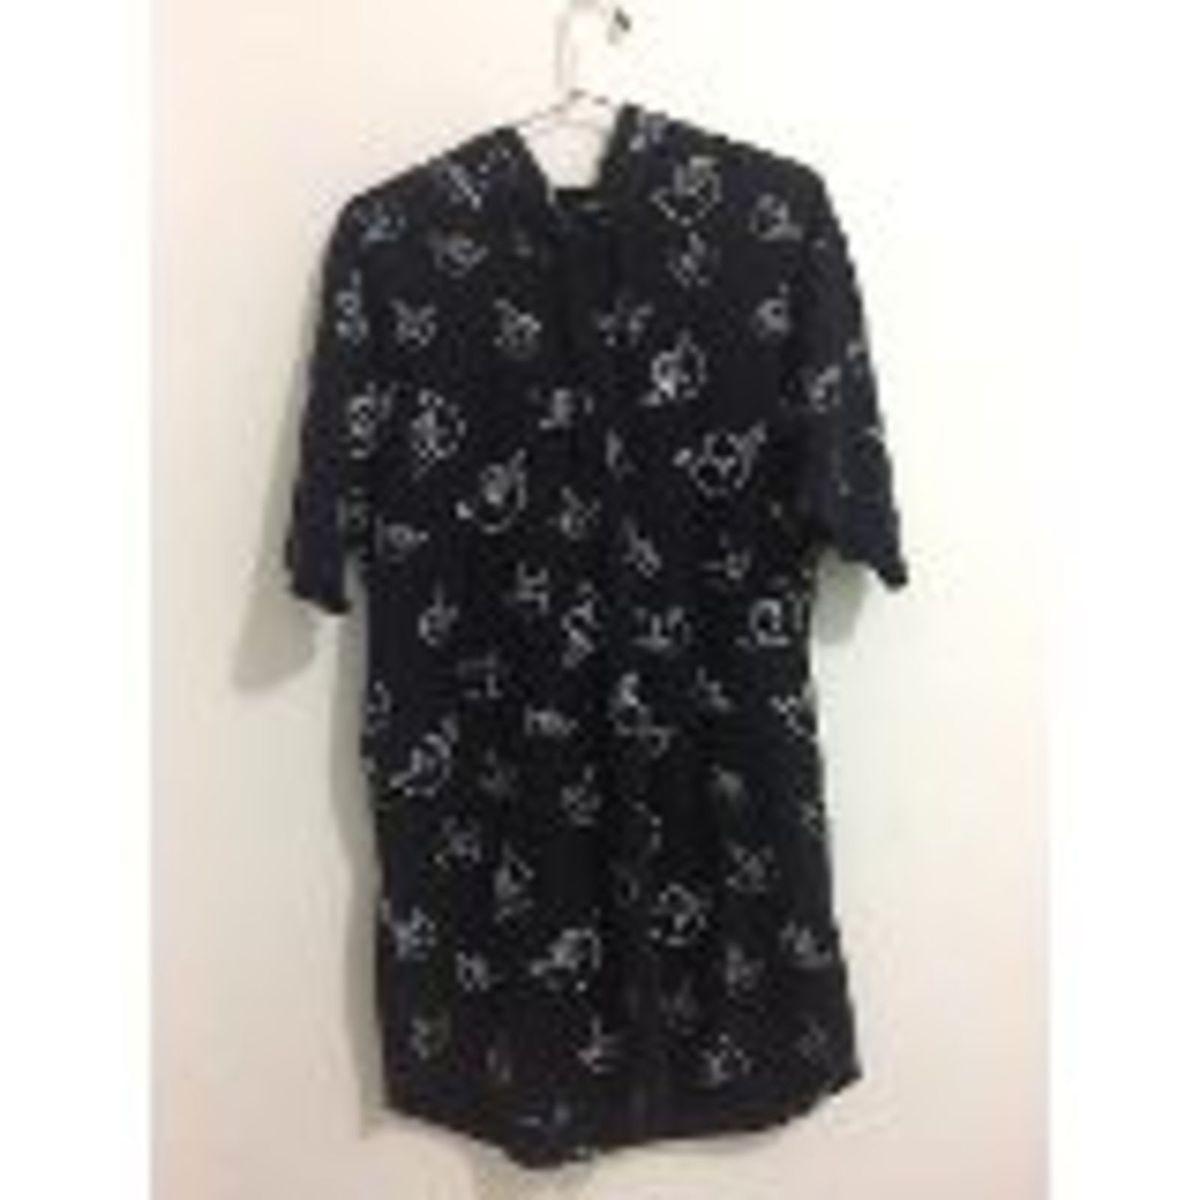 1e06a76c171fa camiseta estampada alongada com capuz - camisetas renner